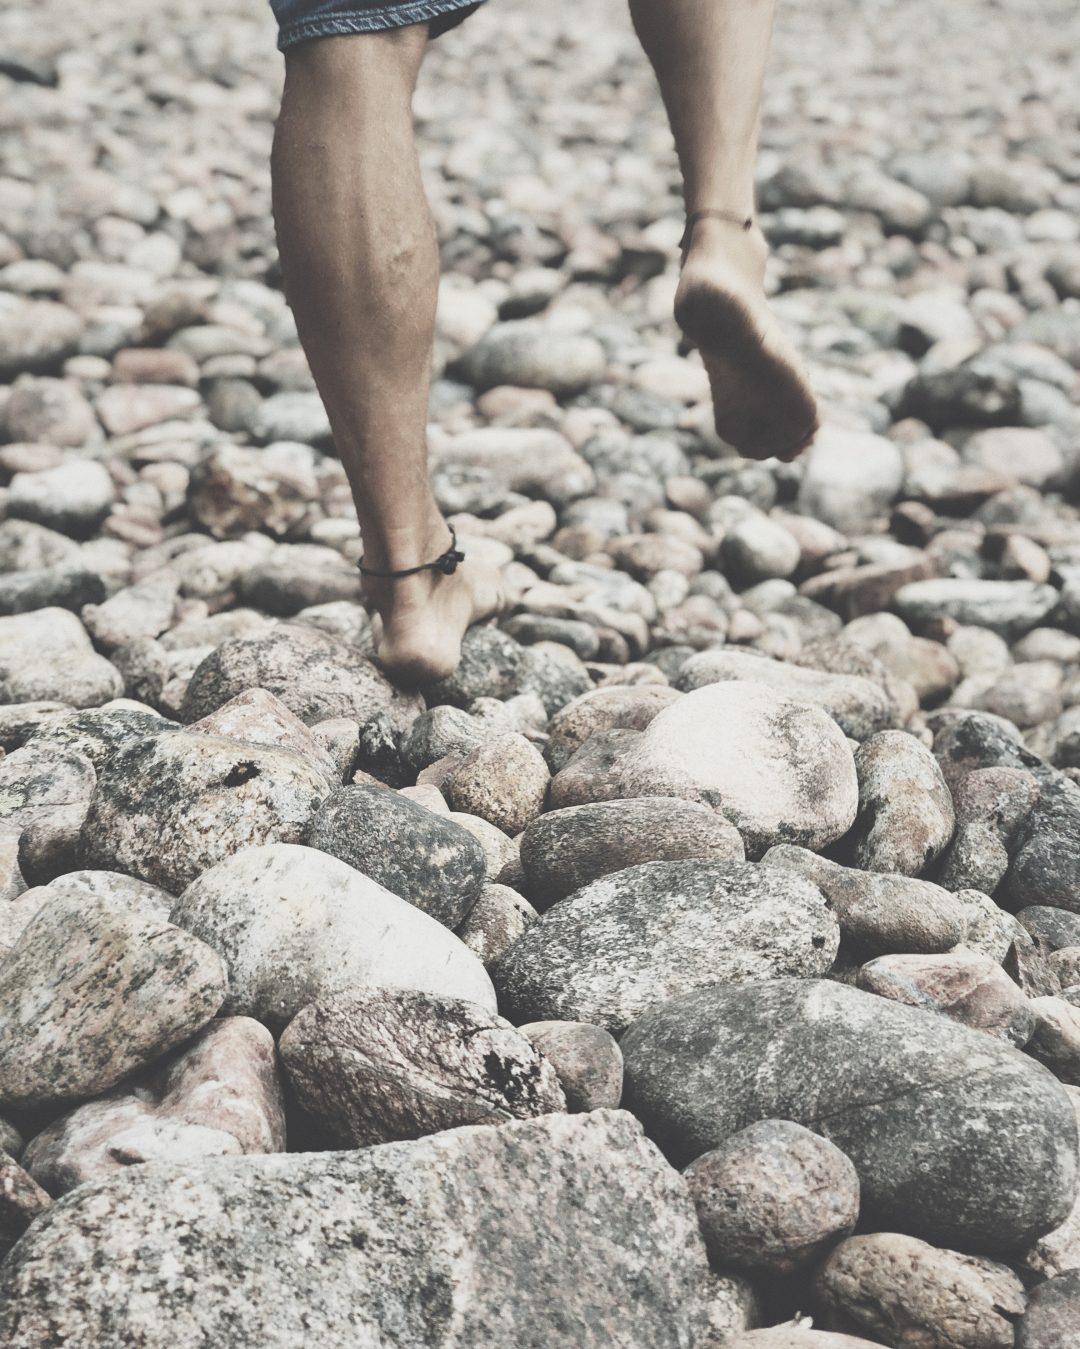 Naturligt sätt att gå visste du det här om att gå barfota